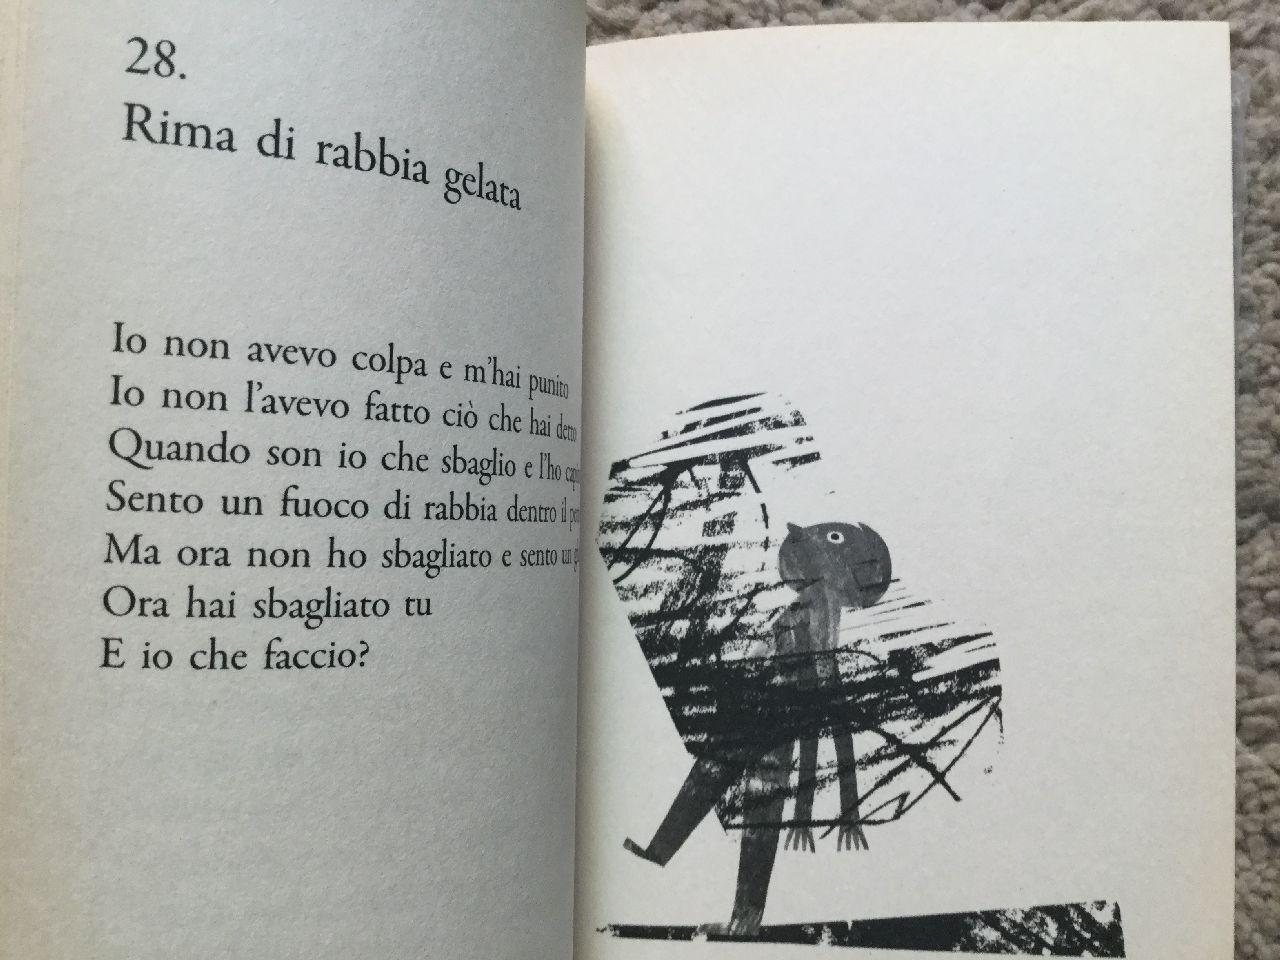 Bruno Tognolini - Giulia Orecchia, Rime di rabbia, Salani